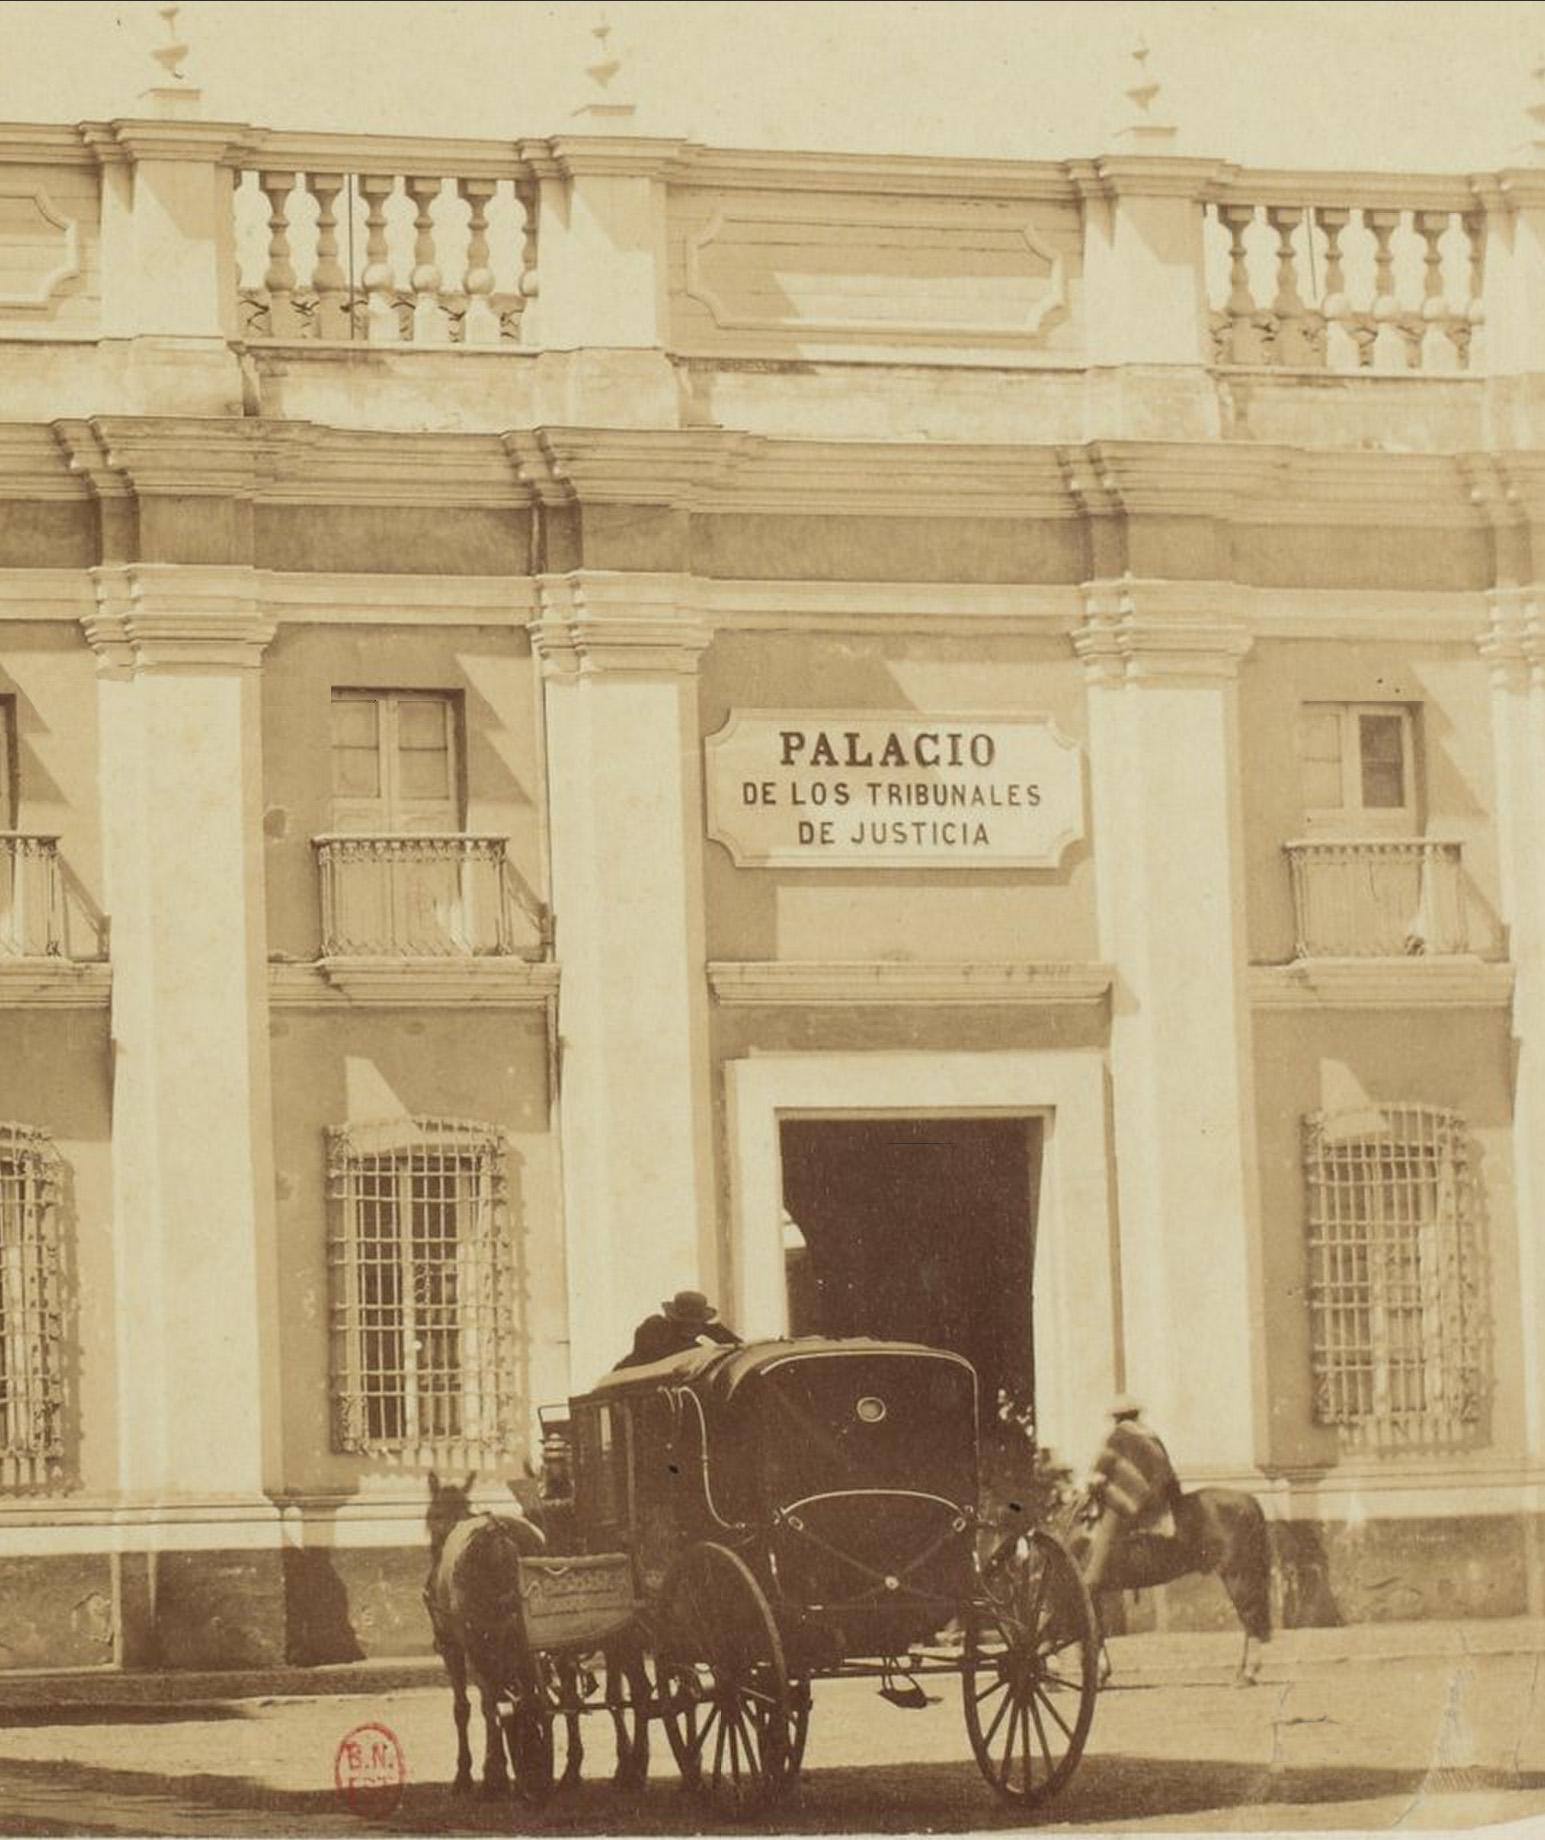 Enterreno - Fotos históricas de chile - fotos antiguas de Chile - Actual Museo de Arte Precolombino en 1880